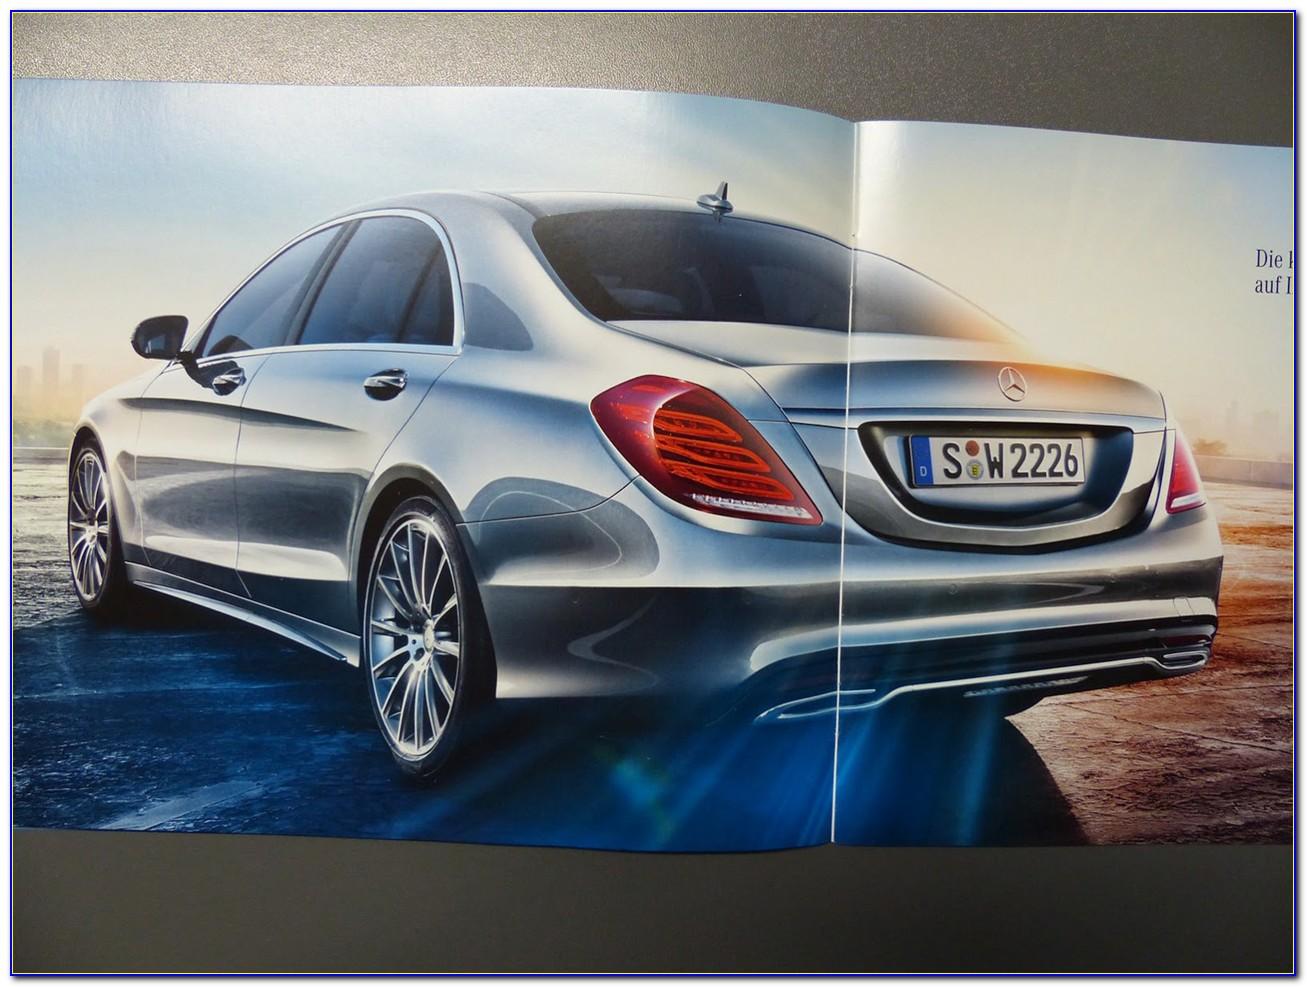 Mercedes Glc Brochure 2020